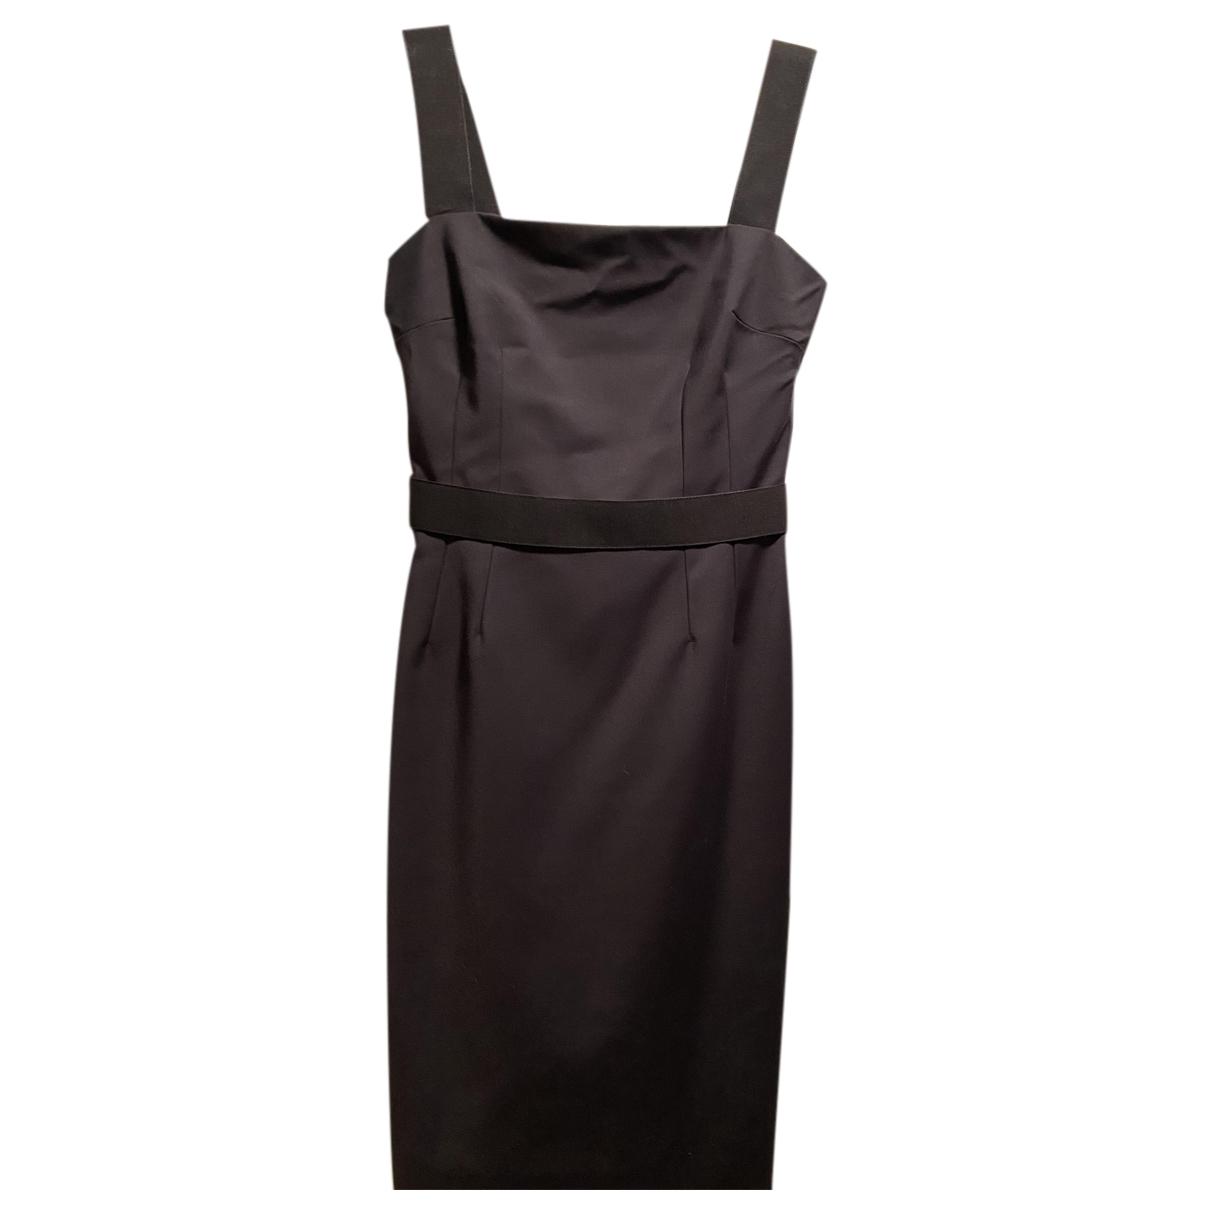 Dolce & Gabbana \N Kleid in  Schwarz Baumwolle - Elasthan